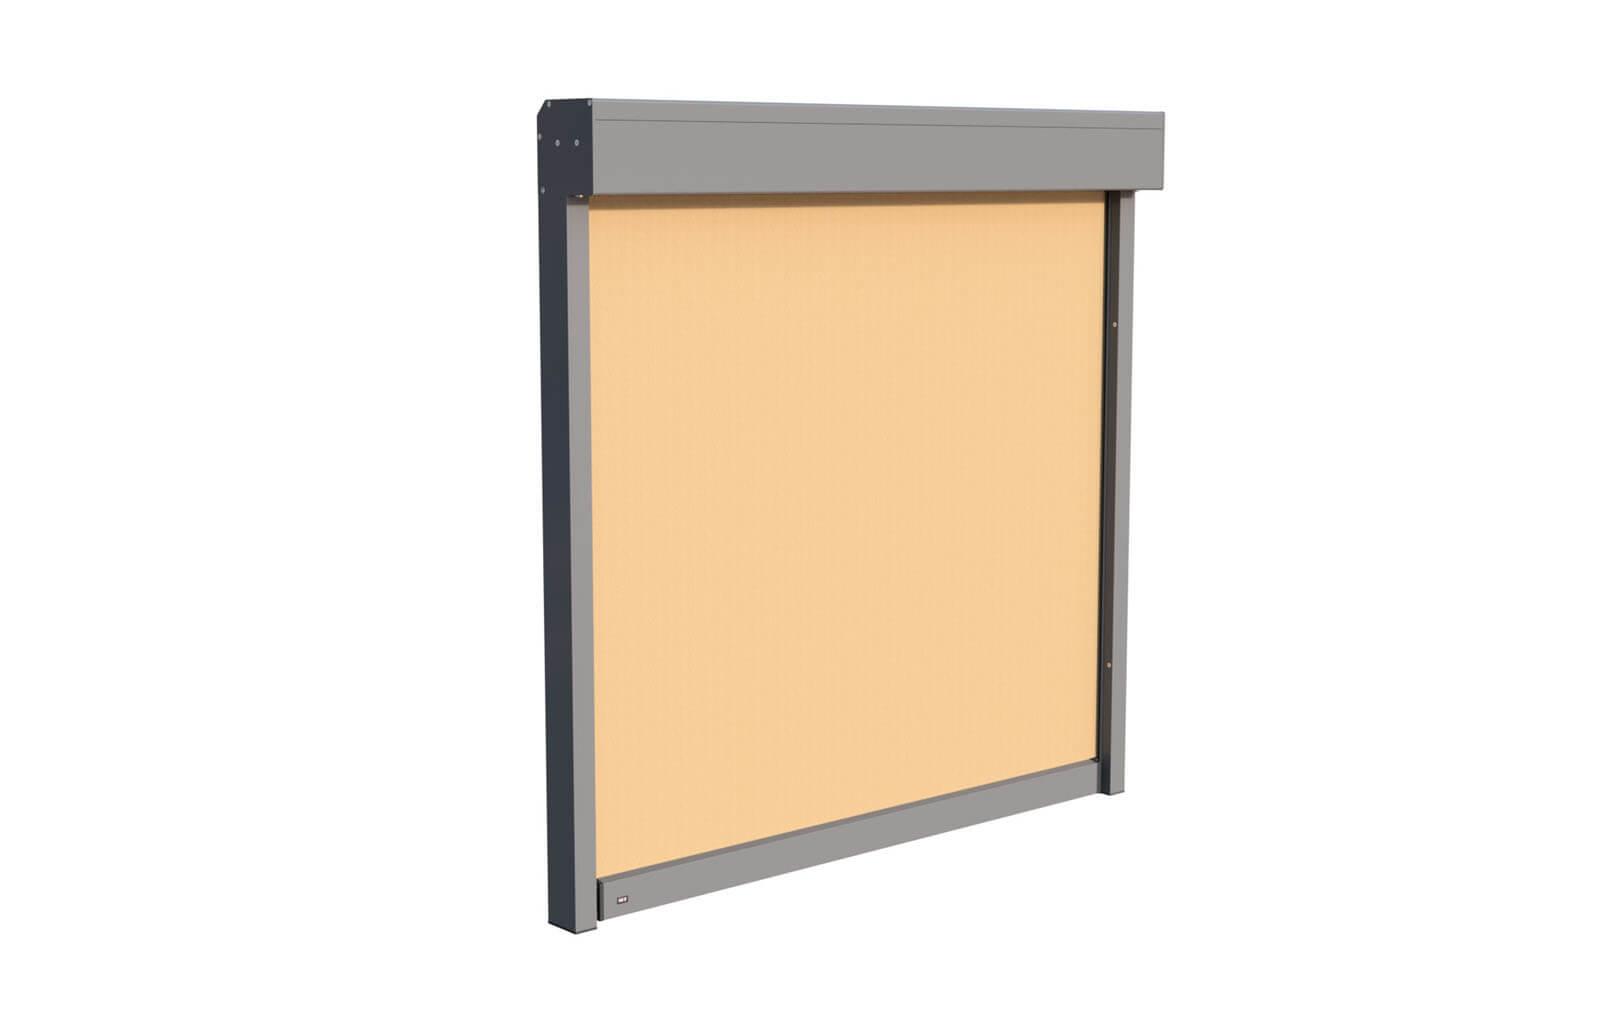 shadowmaster-markiser-och-solskydd-blekinge-skane-vertikala-markiser-produkt-Zipner-110